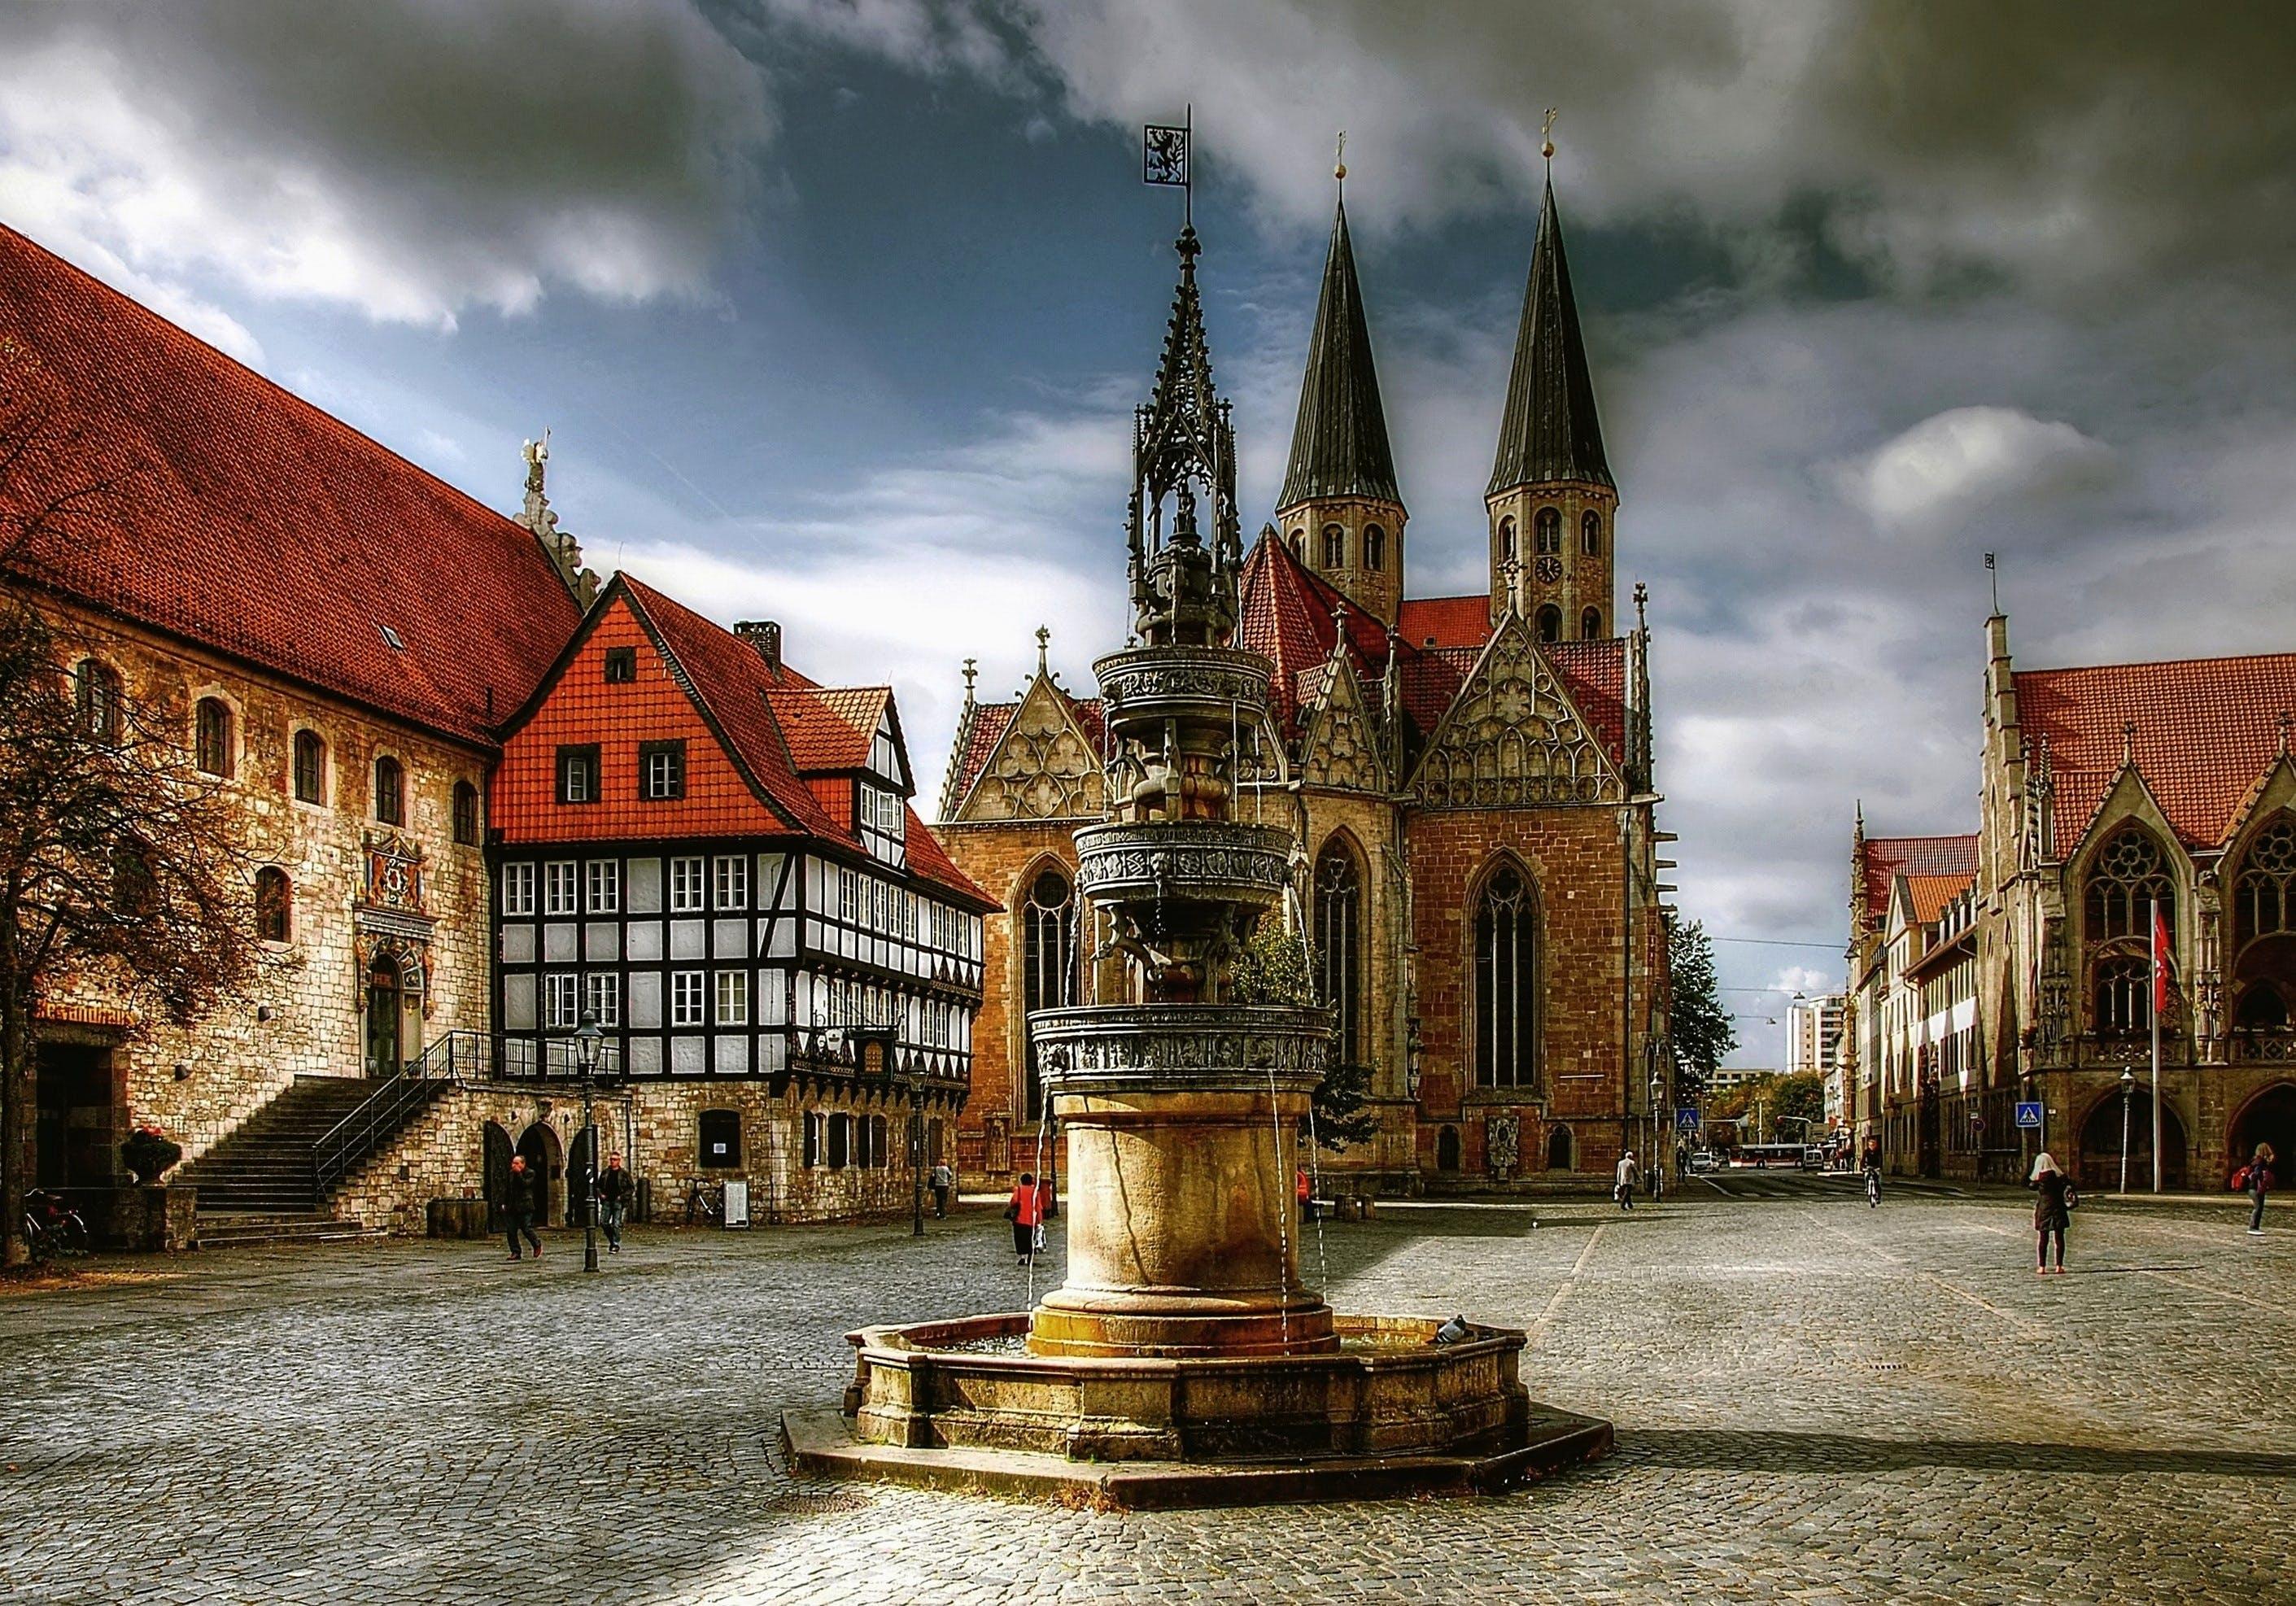 din antic, arhitectură, biserică, braunschweig